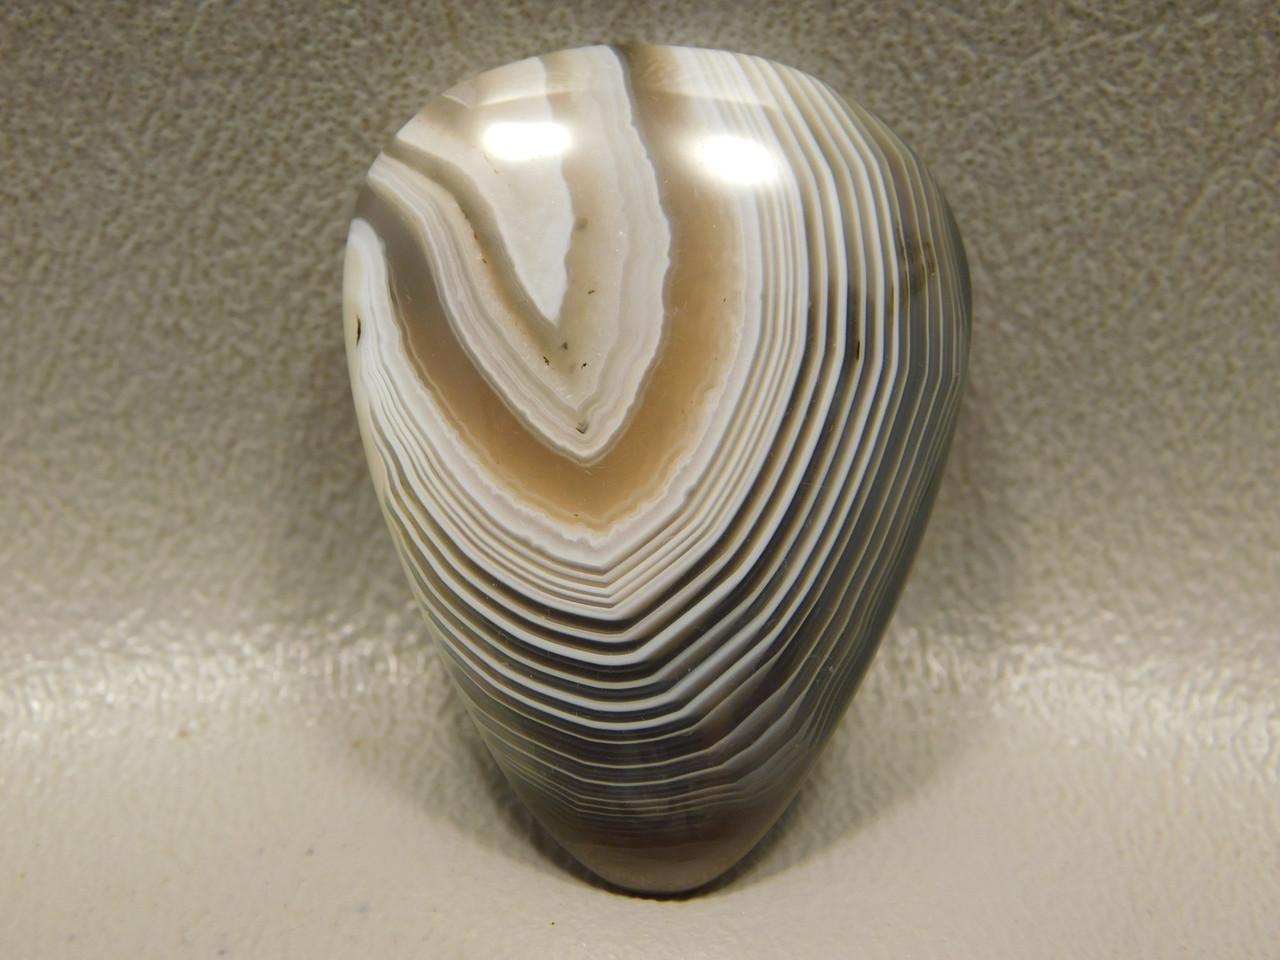 Botswana Agate Banded Gemstone Cabochon Loose Stone #7